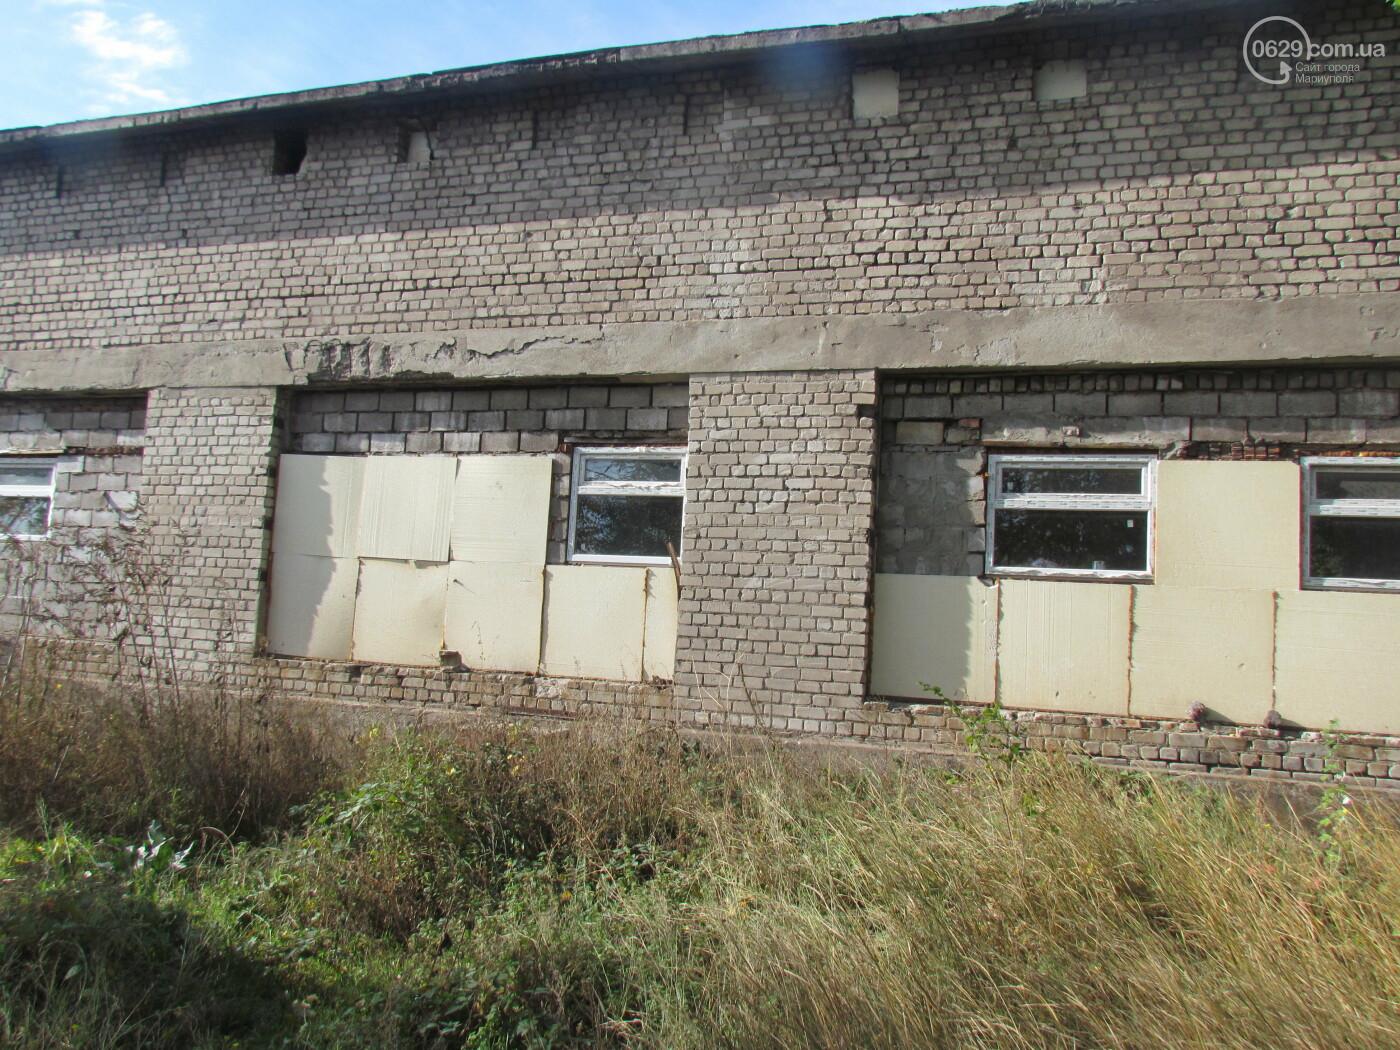 Забытое место. Чем стал заброшенный кинотеатр на краю Мариуполя, - ФОТОРЕПОРТАЖ, фото-9